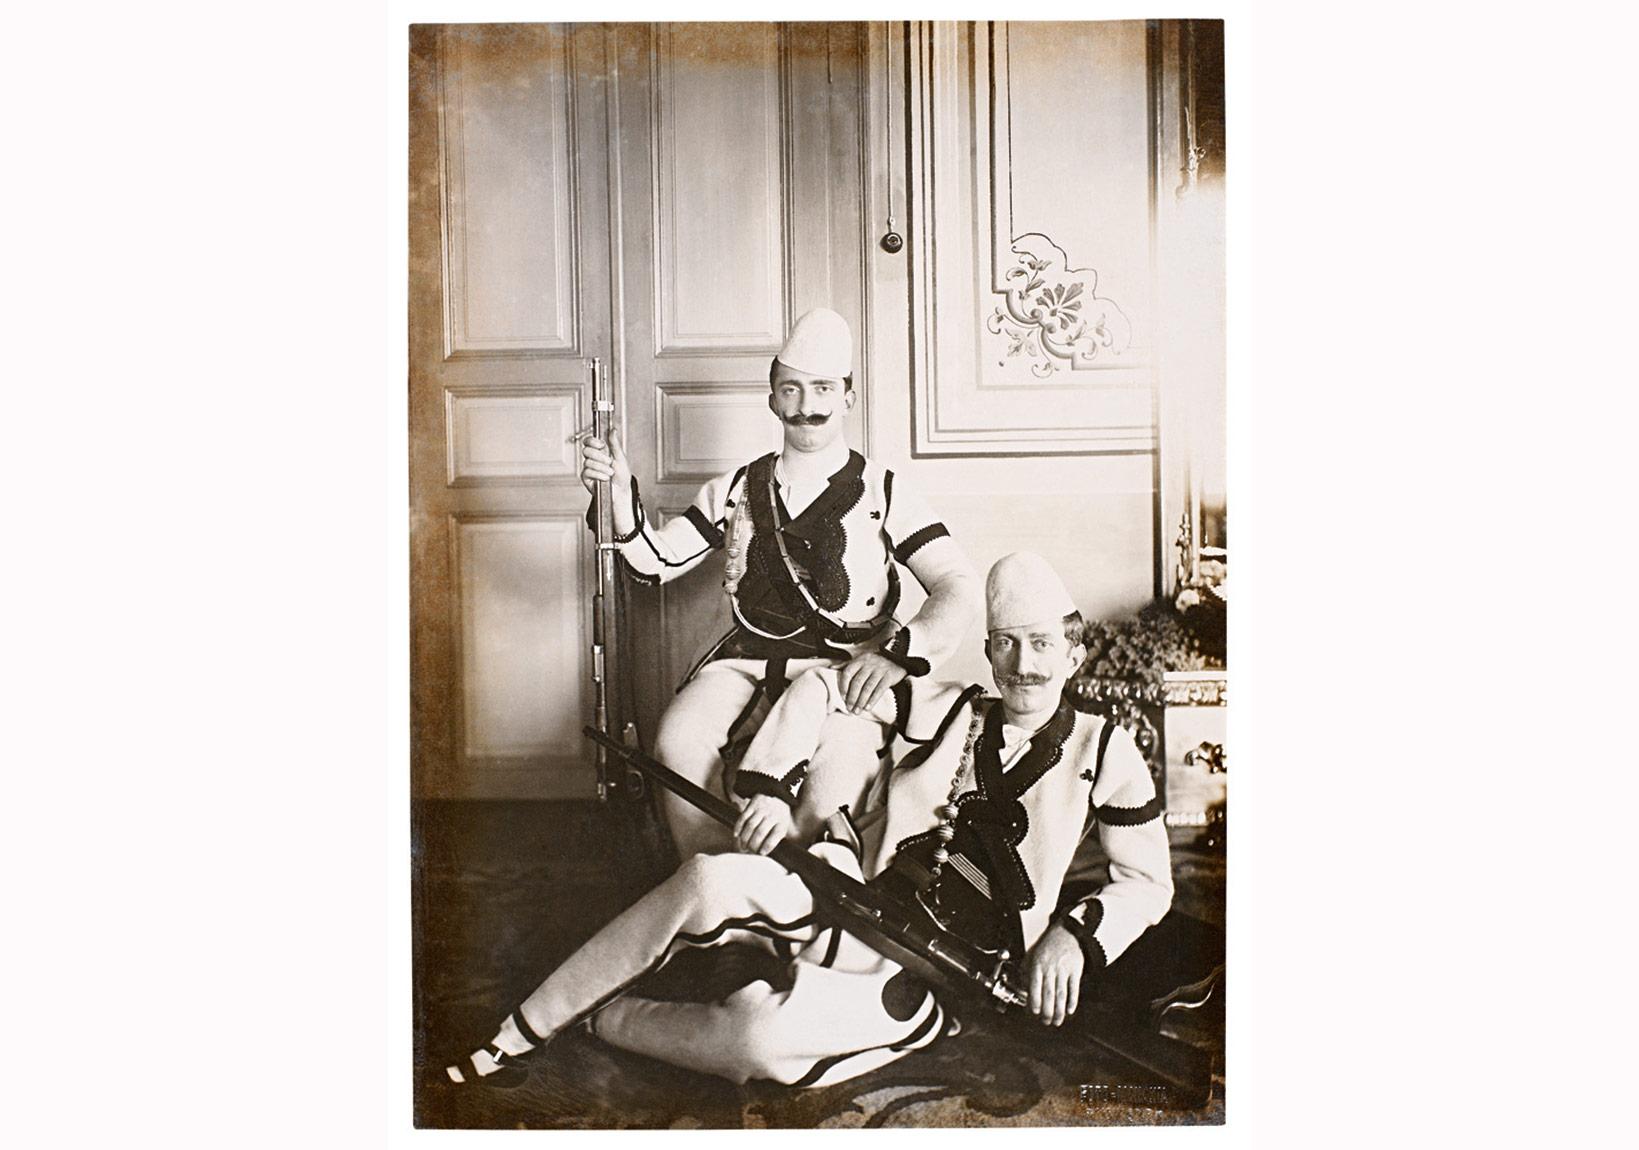 Sultan V. Mehmed Reşad'ın şehzadeleriÖmer Hilmi Efendi (1886-1935) and Mehmed Ziyaeddin Efendi (1873-1938).Sultan'ın Rumeli seyahati anısına Balkan kıyafetleri ile. Manaki Kardeşler, Manastır, Haziran 1911. Ömer M. Koç Koleksiyonu.